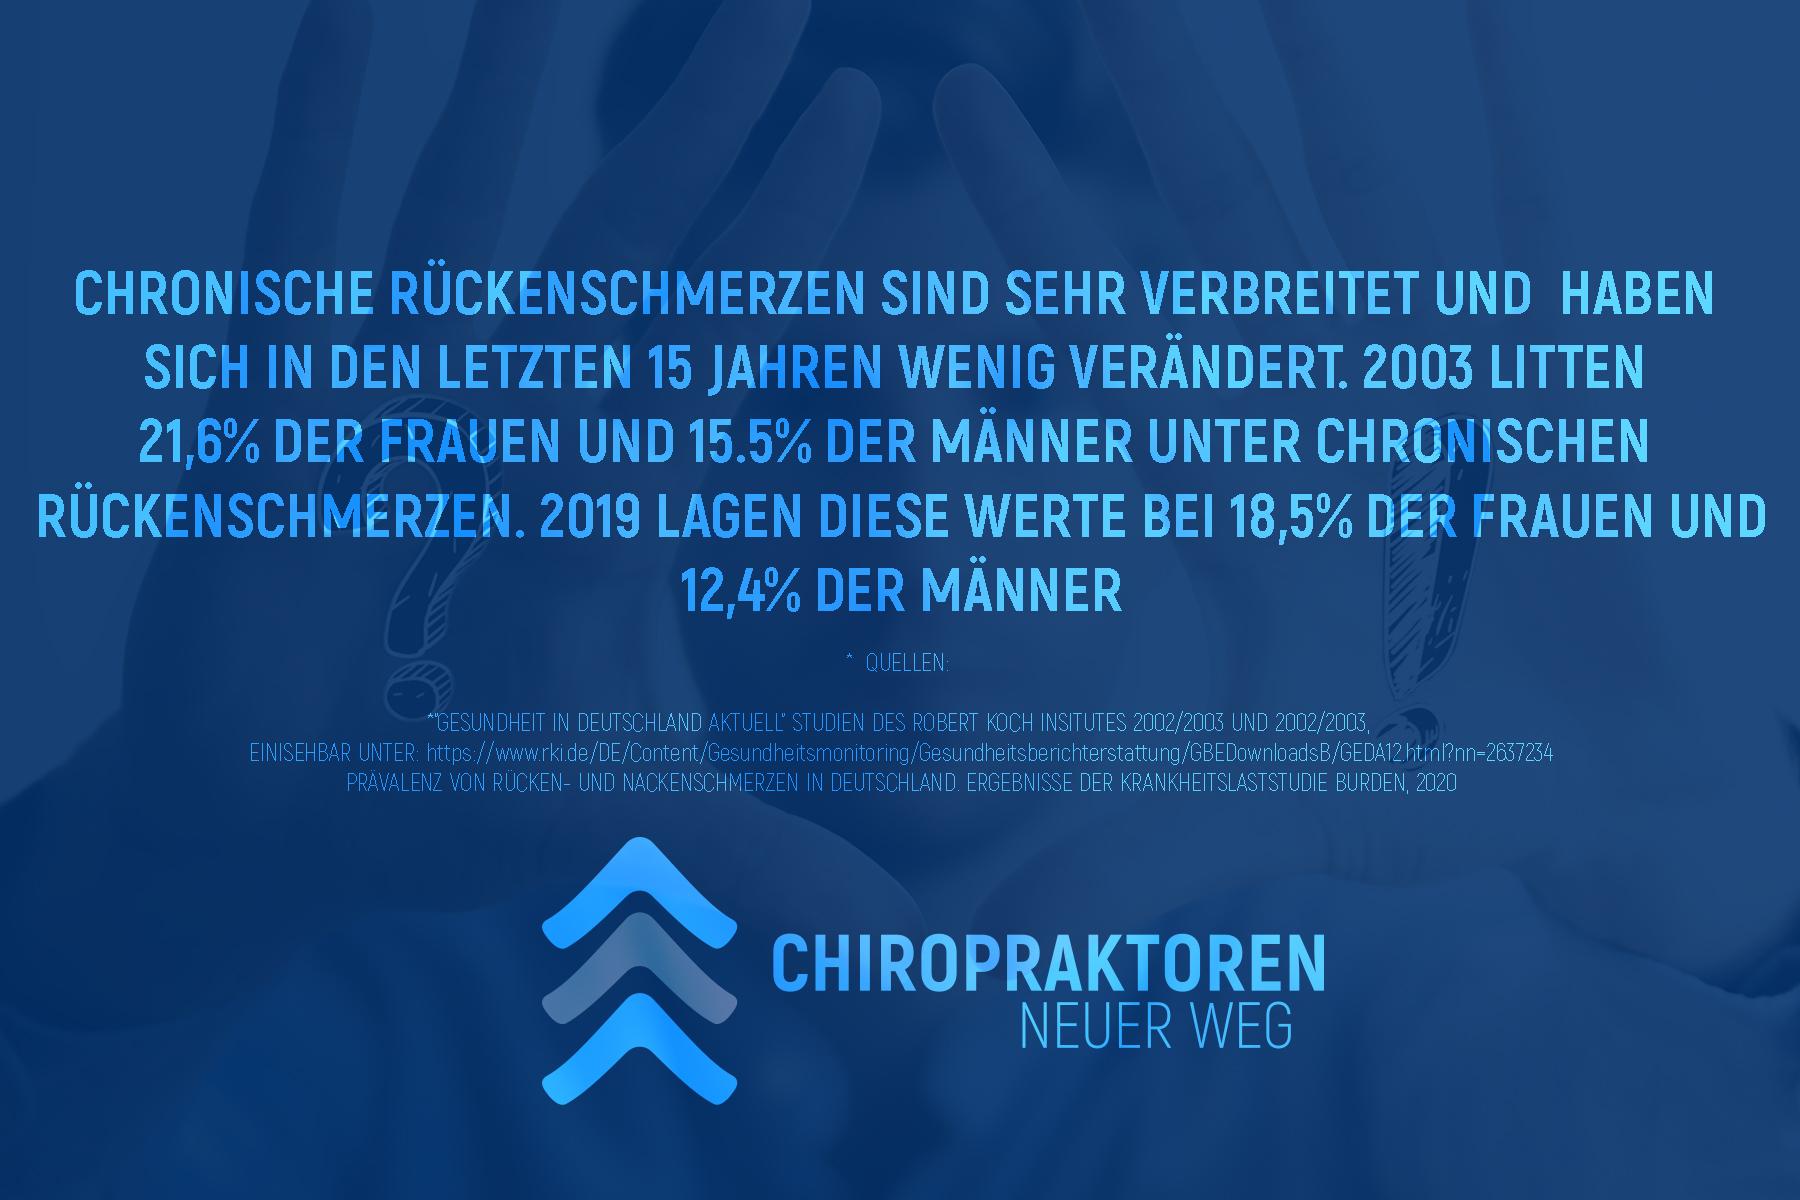 Verbreitung chronischer Rücken- und Nackenschmerzen